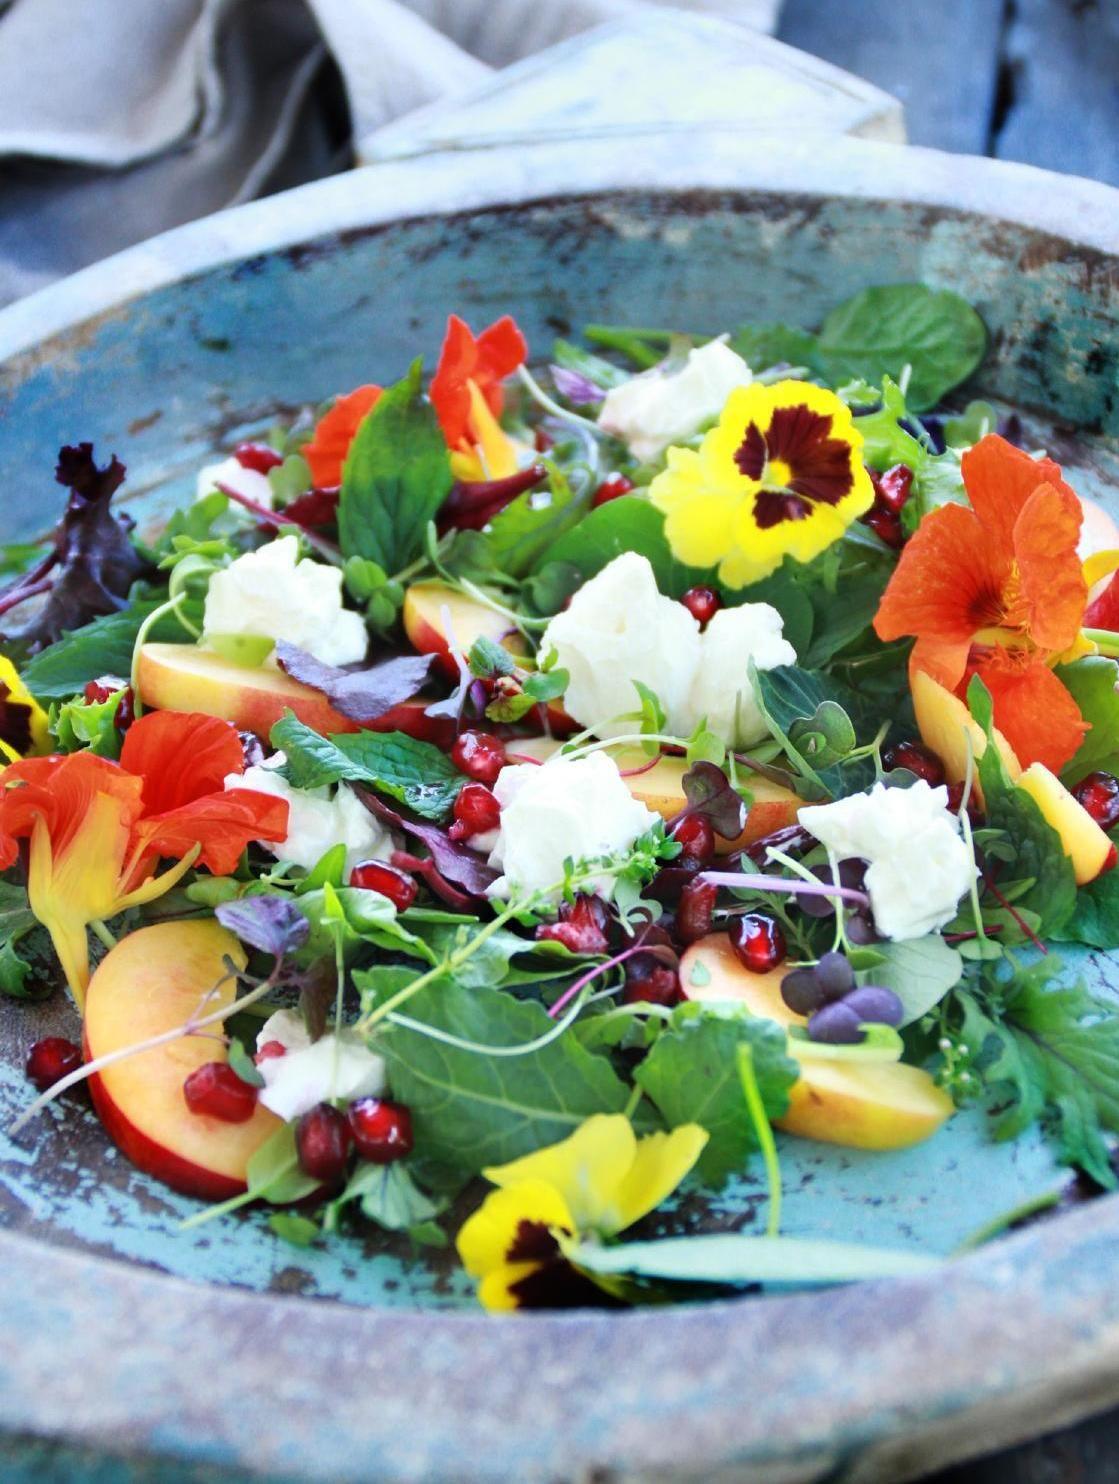 Nectarine Herd Salad with Orange Blossom Labneh #recipe #glutenfree |  yum. Gluten Free Magazine December 2015 #23